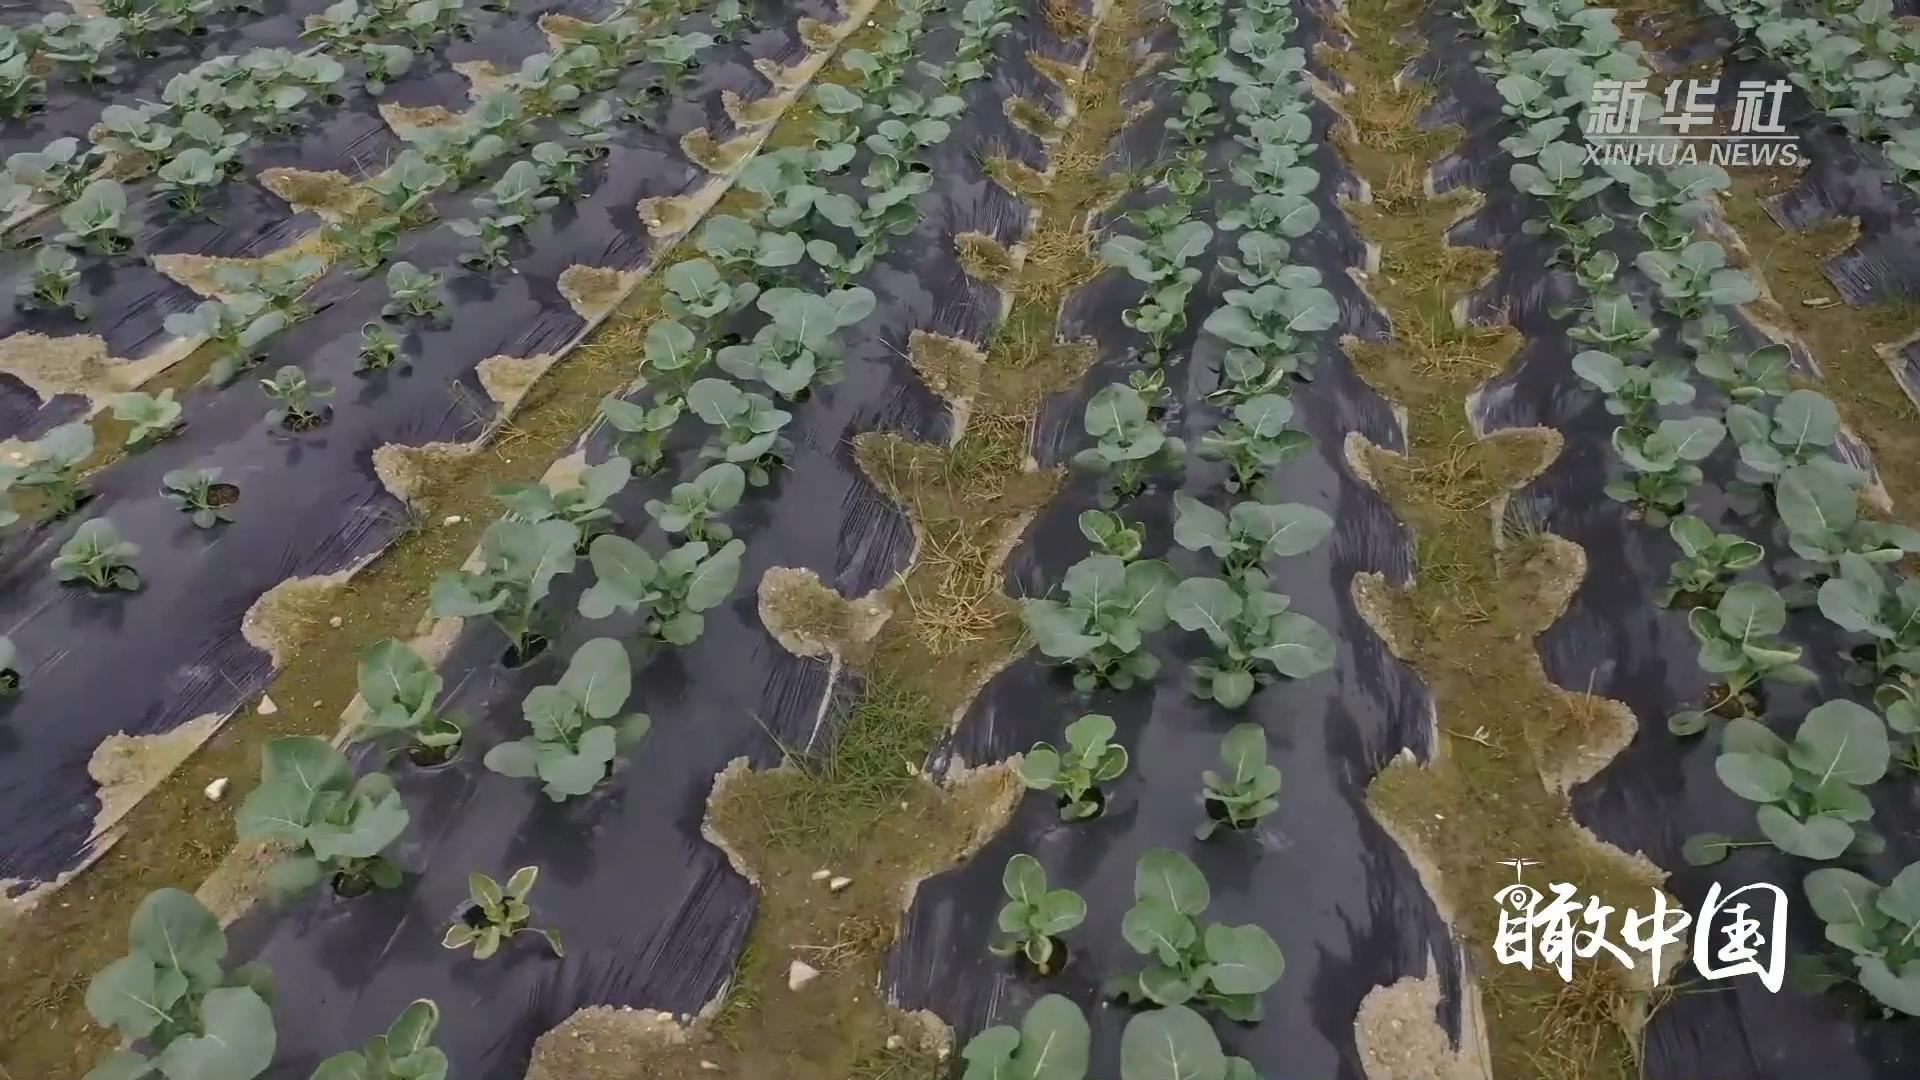 瞰中国·春意满中国|福建寿宁:高山农业促脱贫